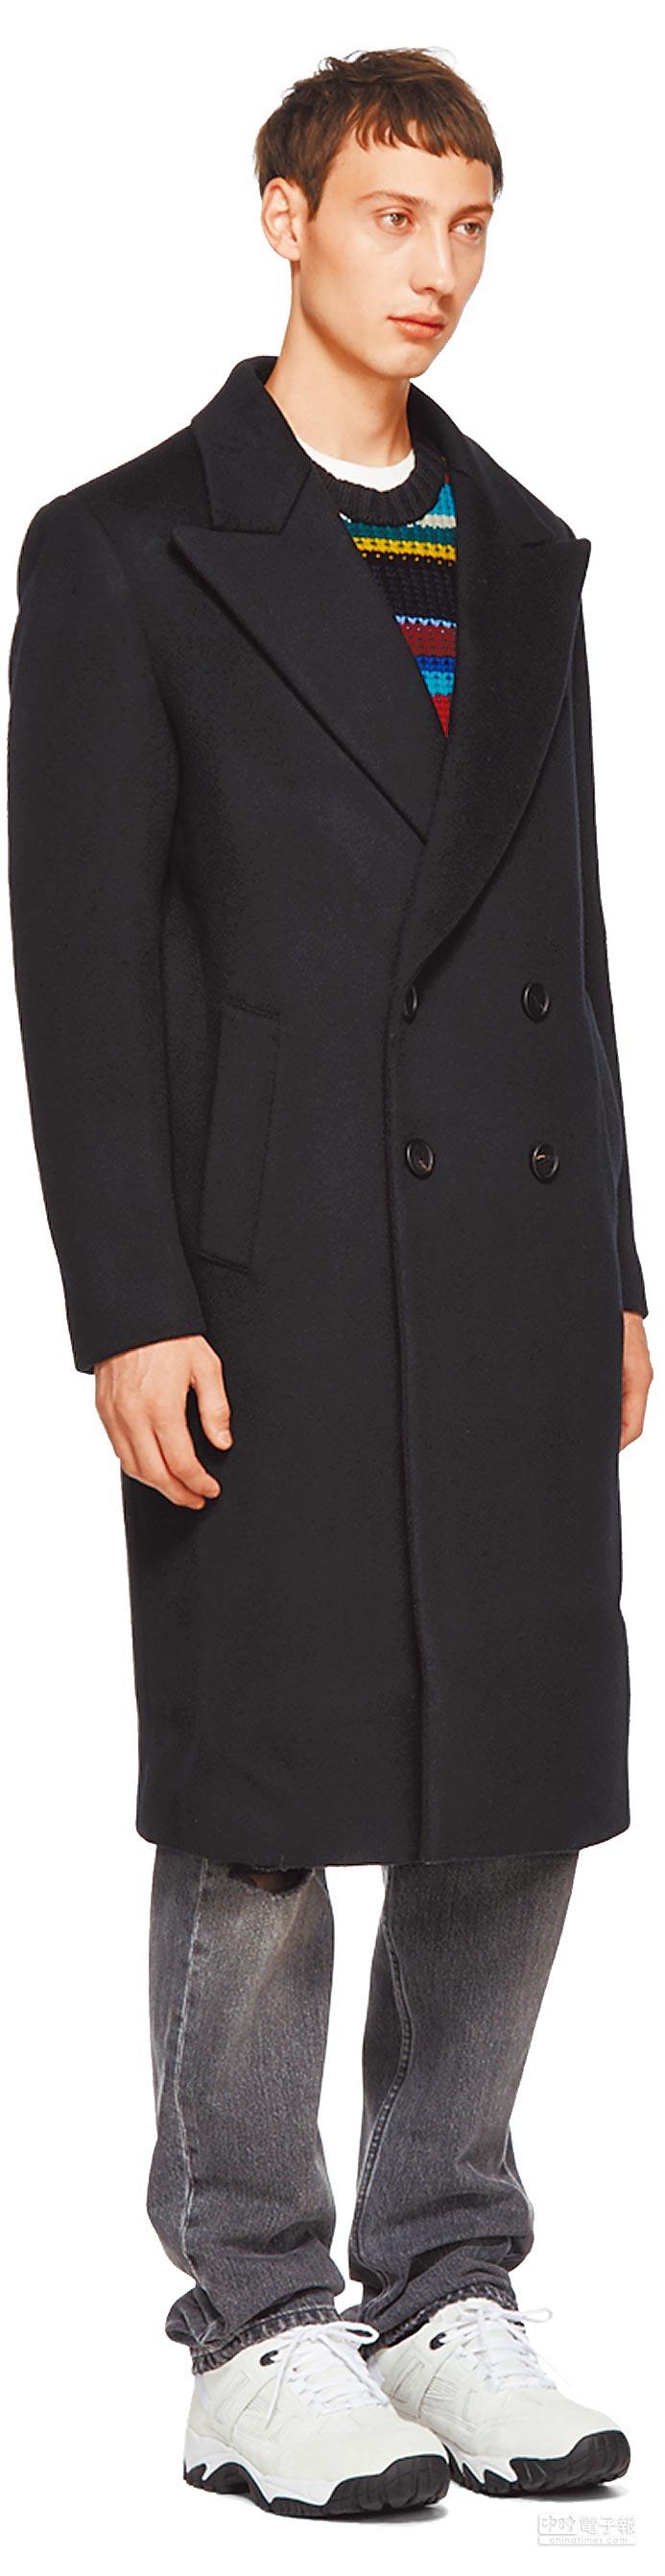 在SSENSE上有不少潮牌商品,像是Wooyoungmi的黑色雙排扣長款外套,含稅款及關稅原價為1728.72美元,限時特價778美元(台幣約2萬3966元)。(翻攝自SSENSE)